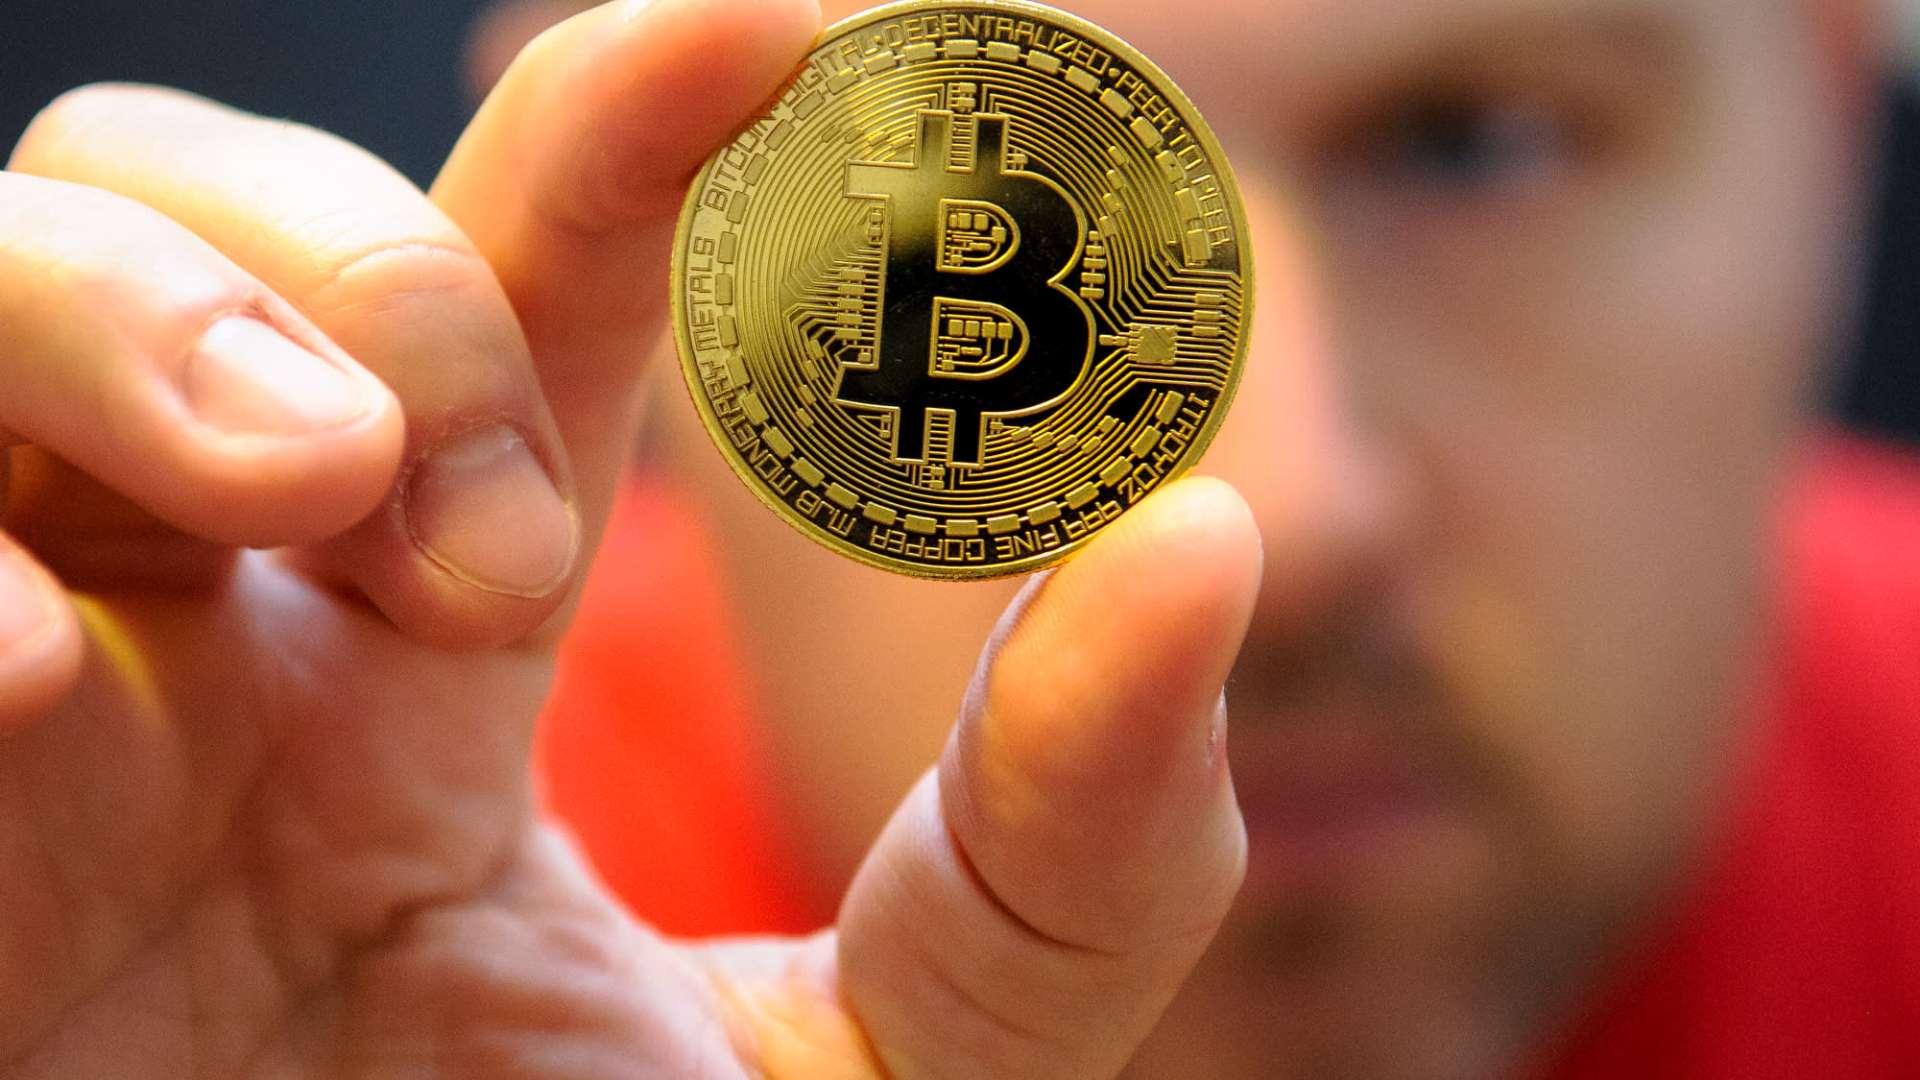 El Bitcoin alcanzó los u$s40.000, aunque luego cayó a poco más de u$s32.000